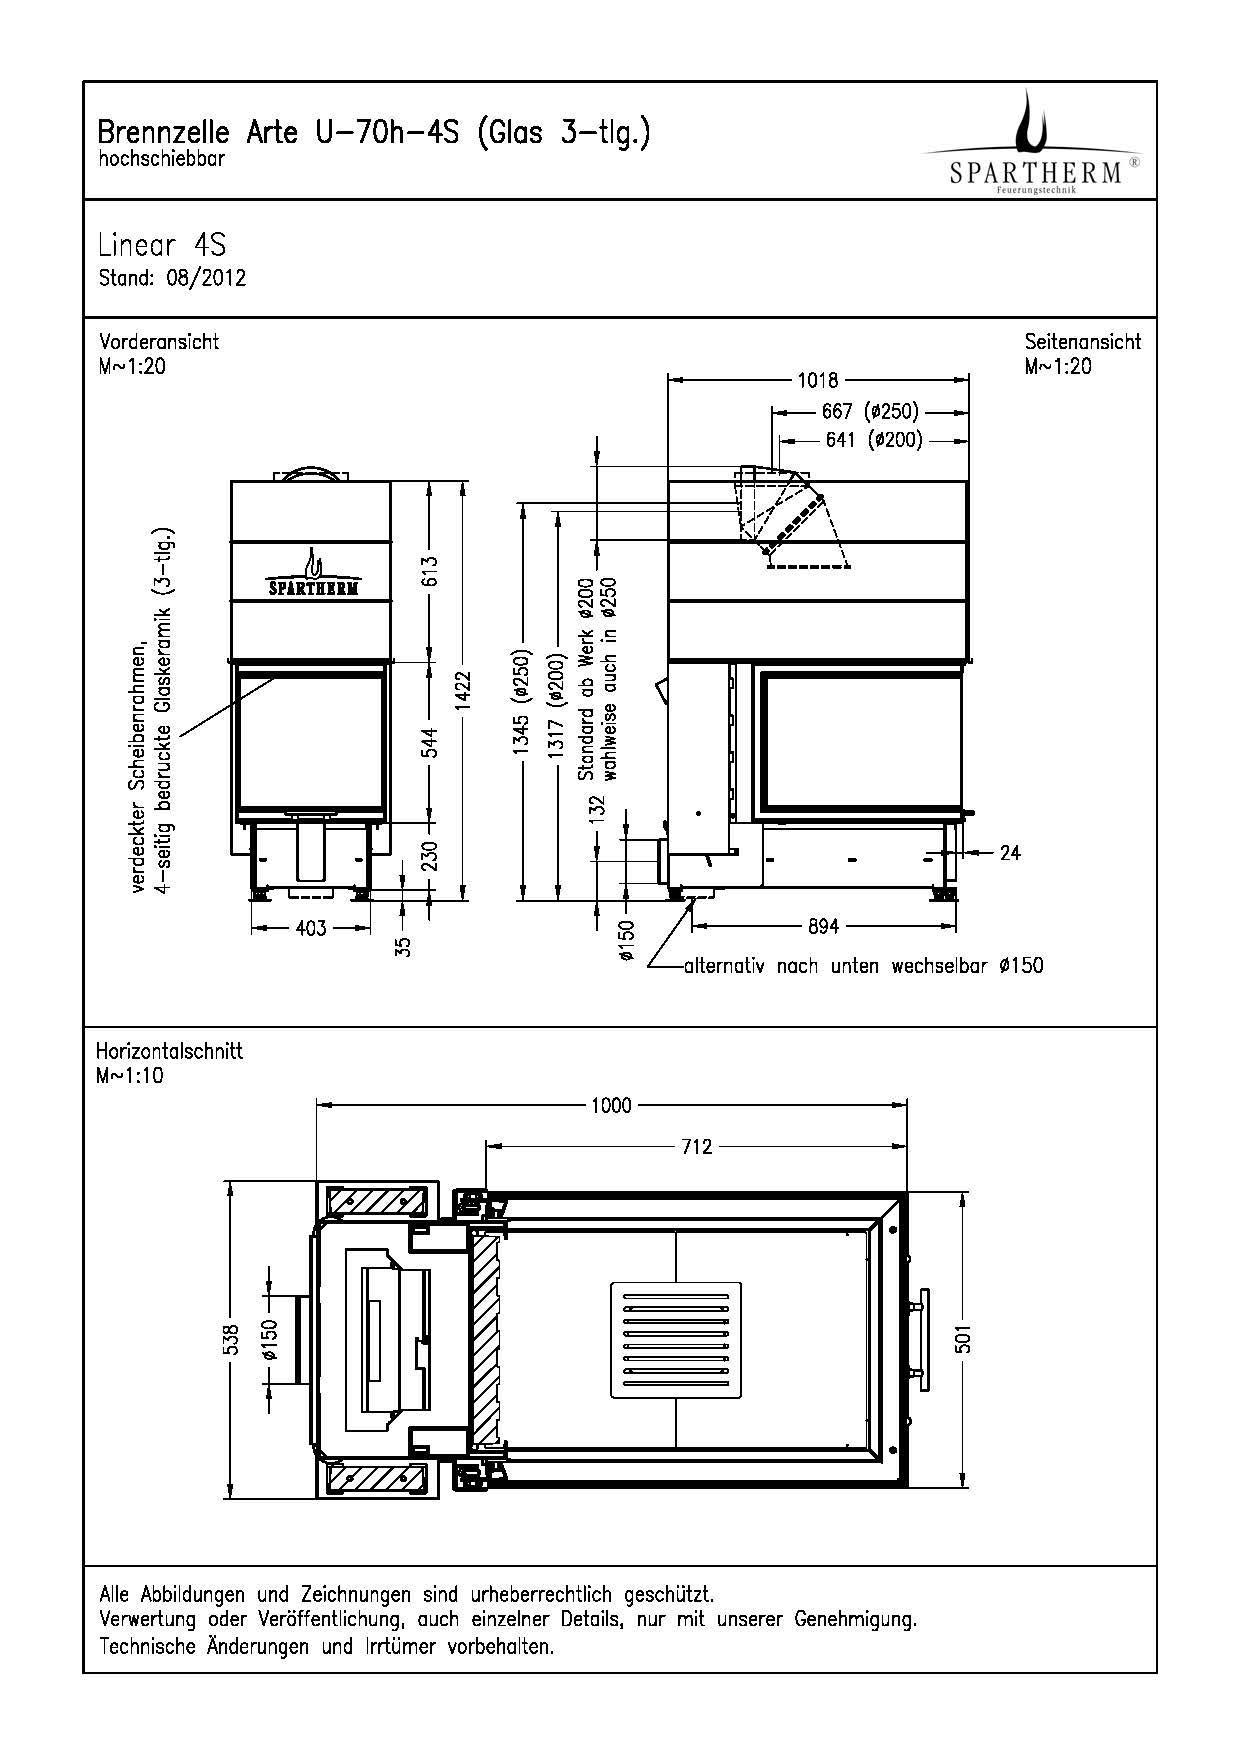 panoramakamin v spartherm brennzelle hotline 7 21 uhr. Black Bedroom Furniture Sets. Home Design Ideas